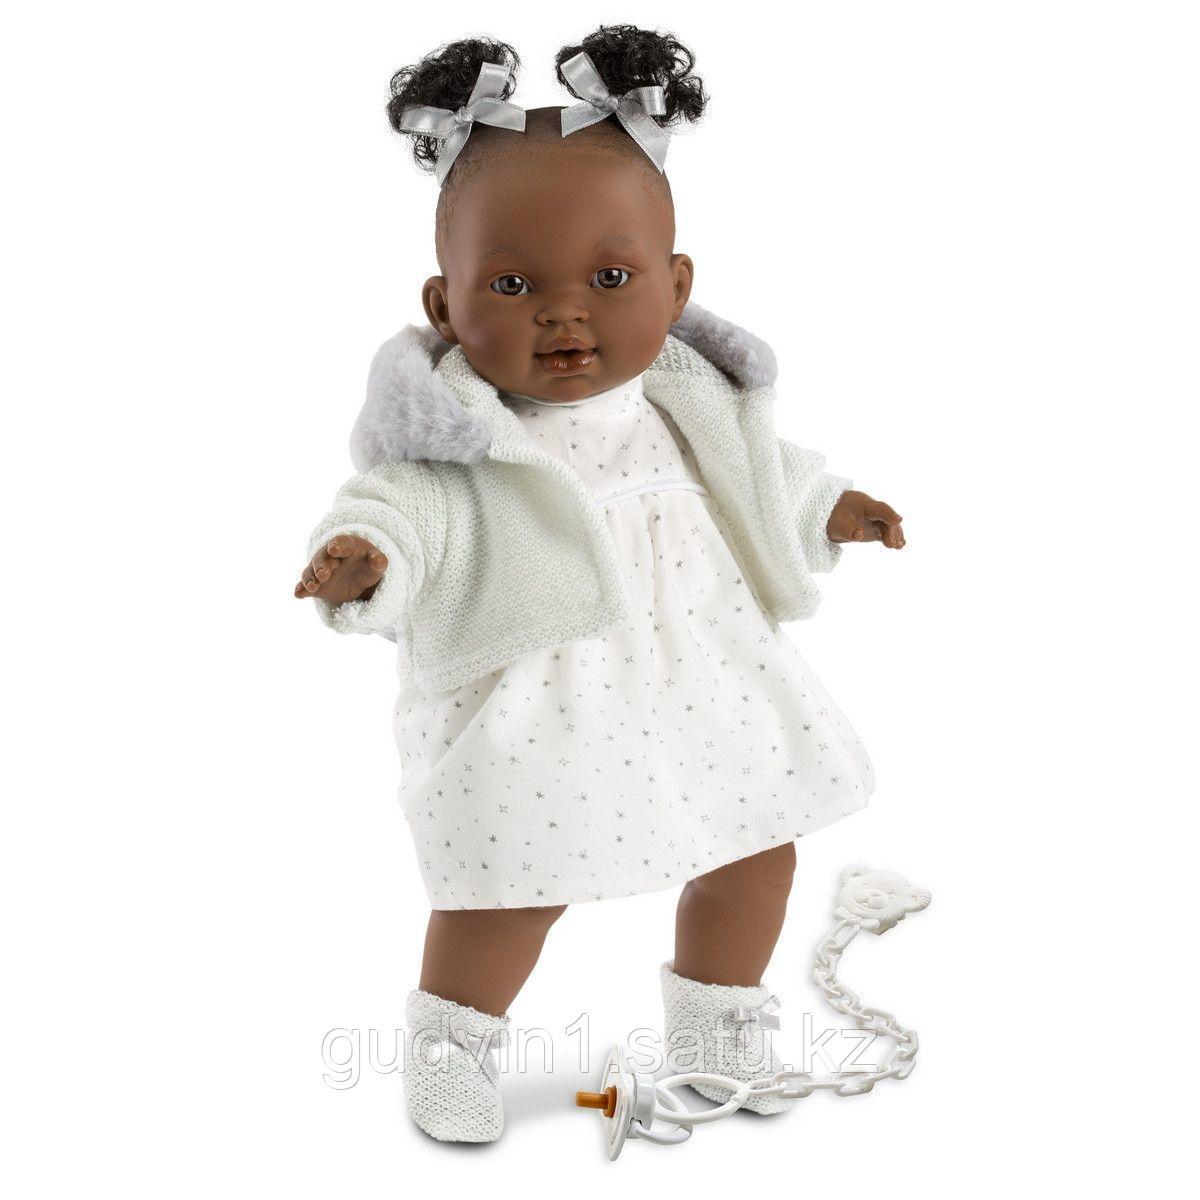 LLORENS: Кукла Диана 38см, афро в белой курточке